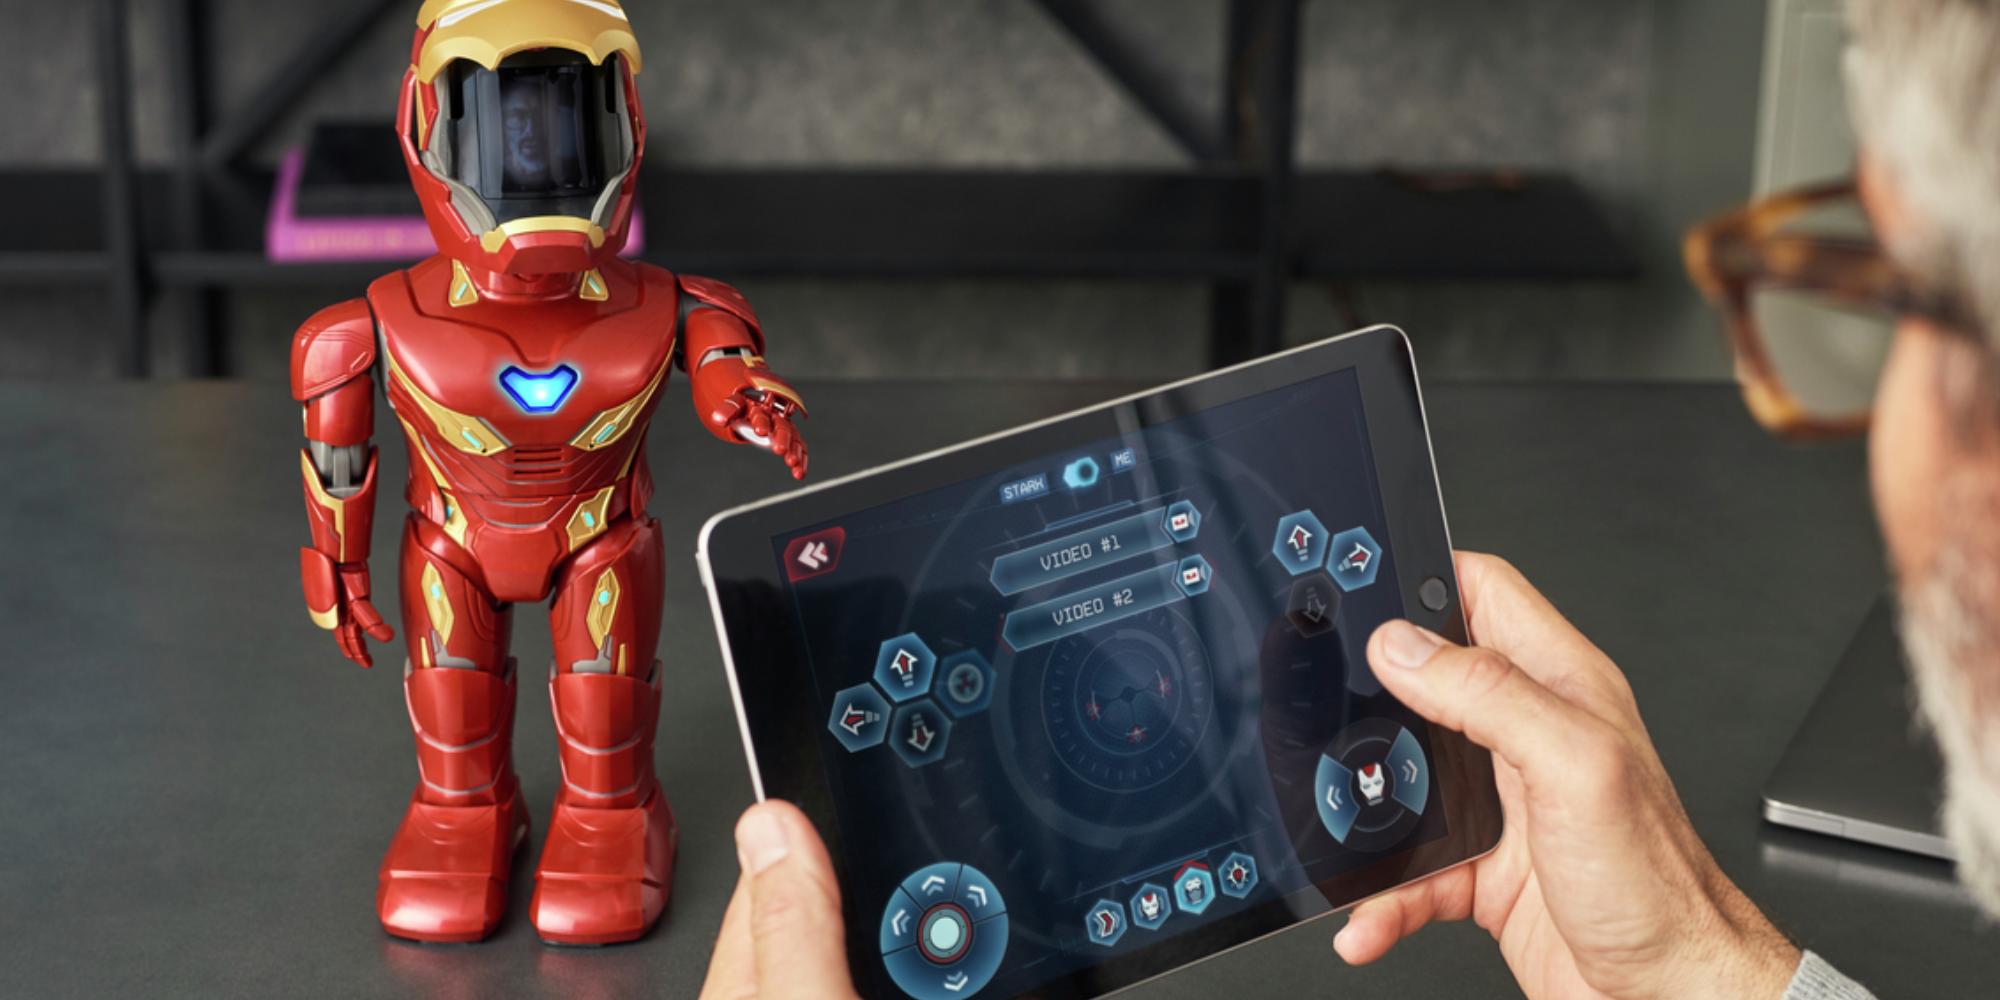 UBTECH Iron Man Robot App